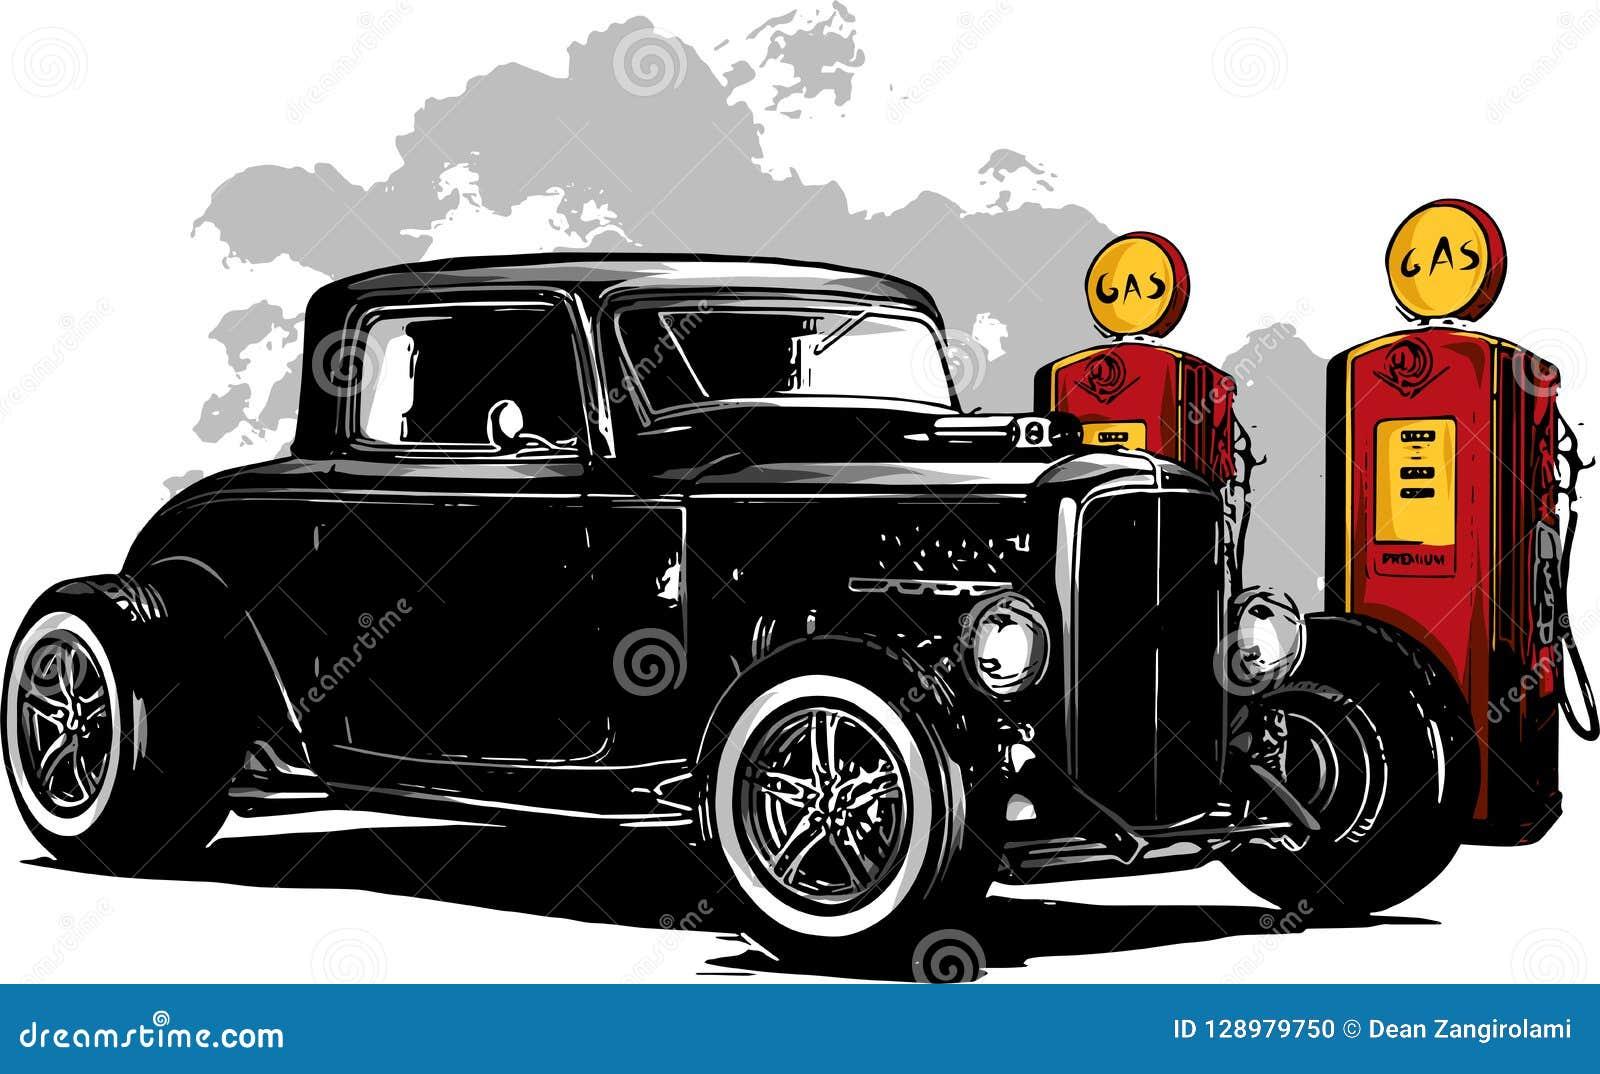 Винтажный автомобиль, гараж горячей штанги, автомобиль hotrods, автомобиль старой школы,